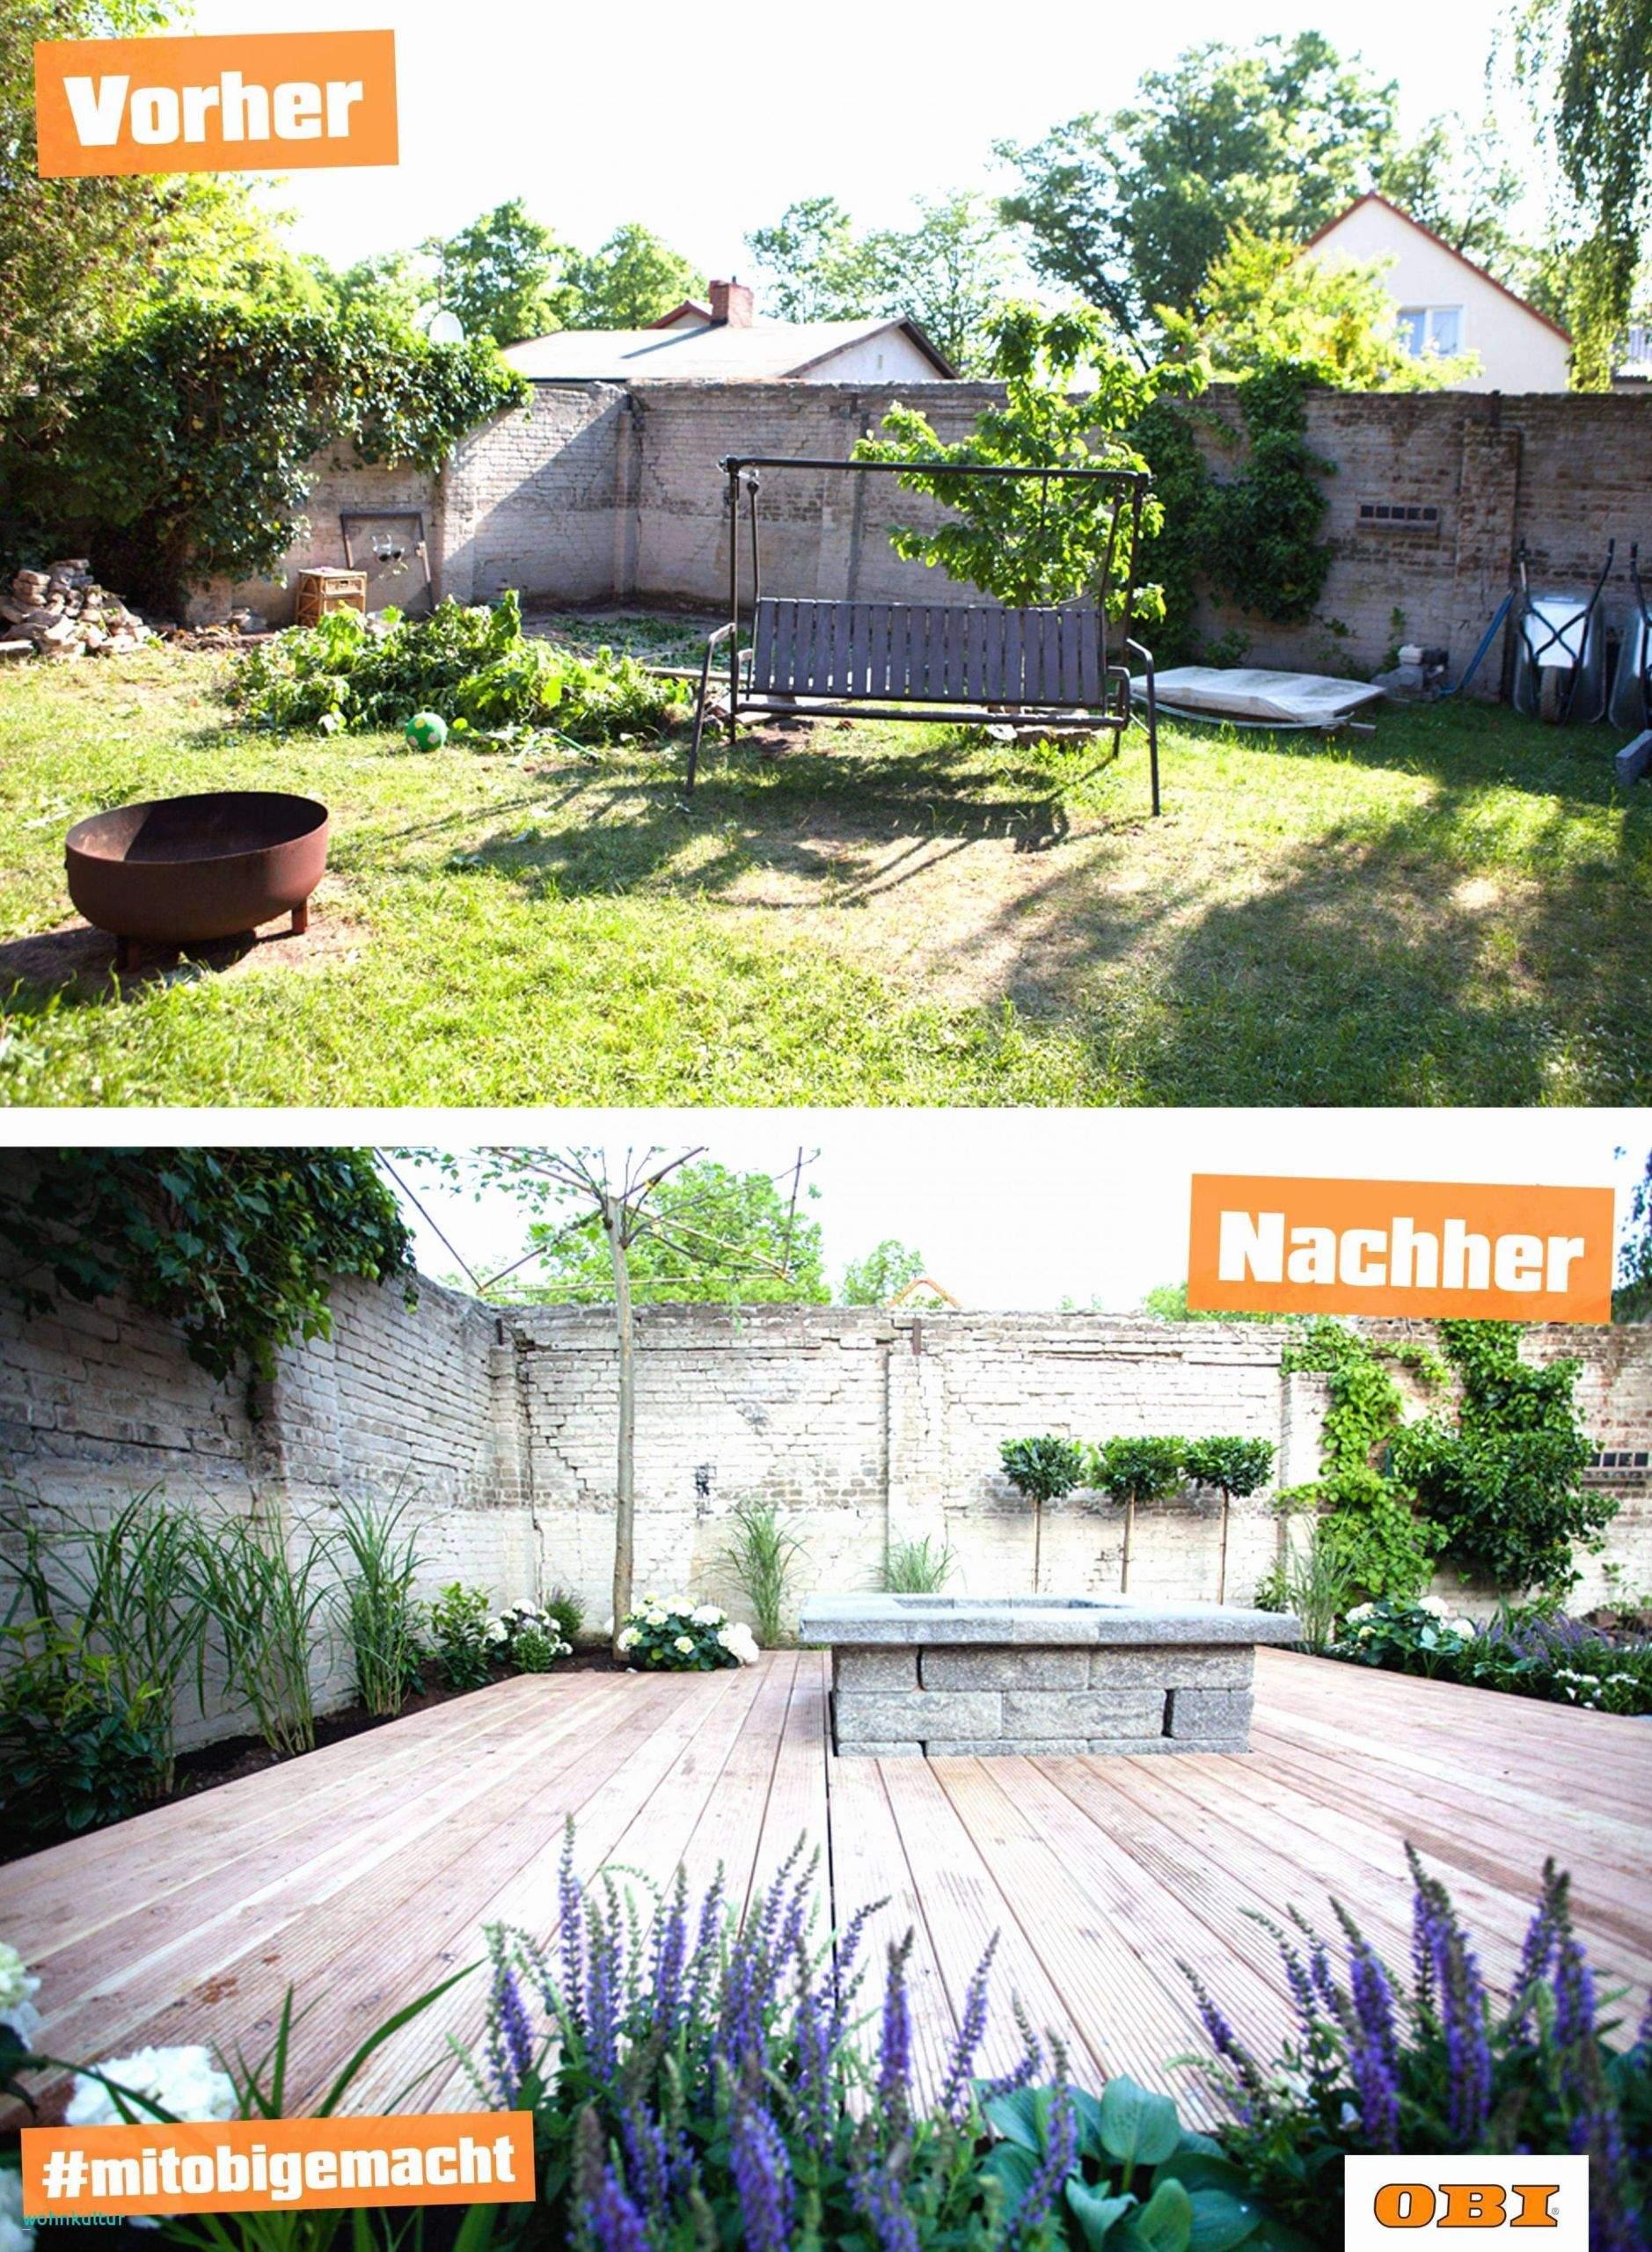 garten oase genial kleiner reihenhausgarten gestalten temobardz home blog of garten oase scaled